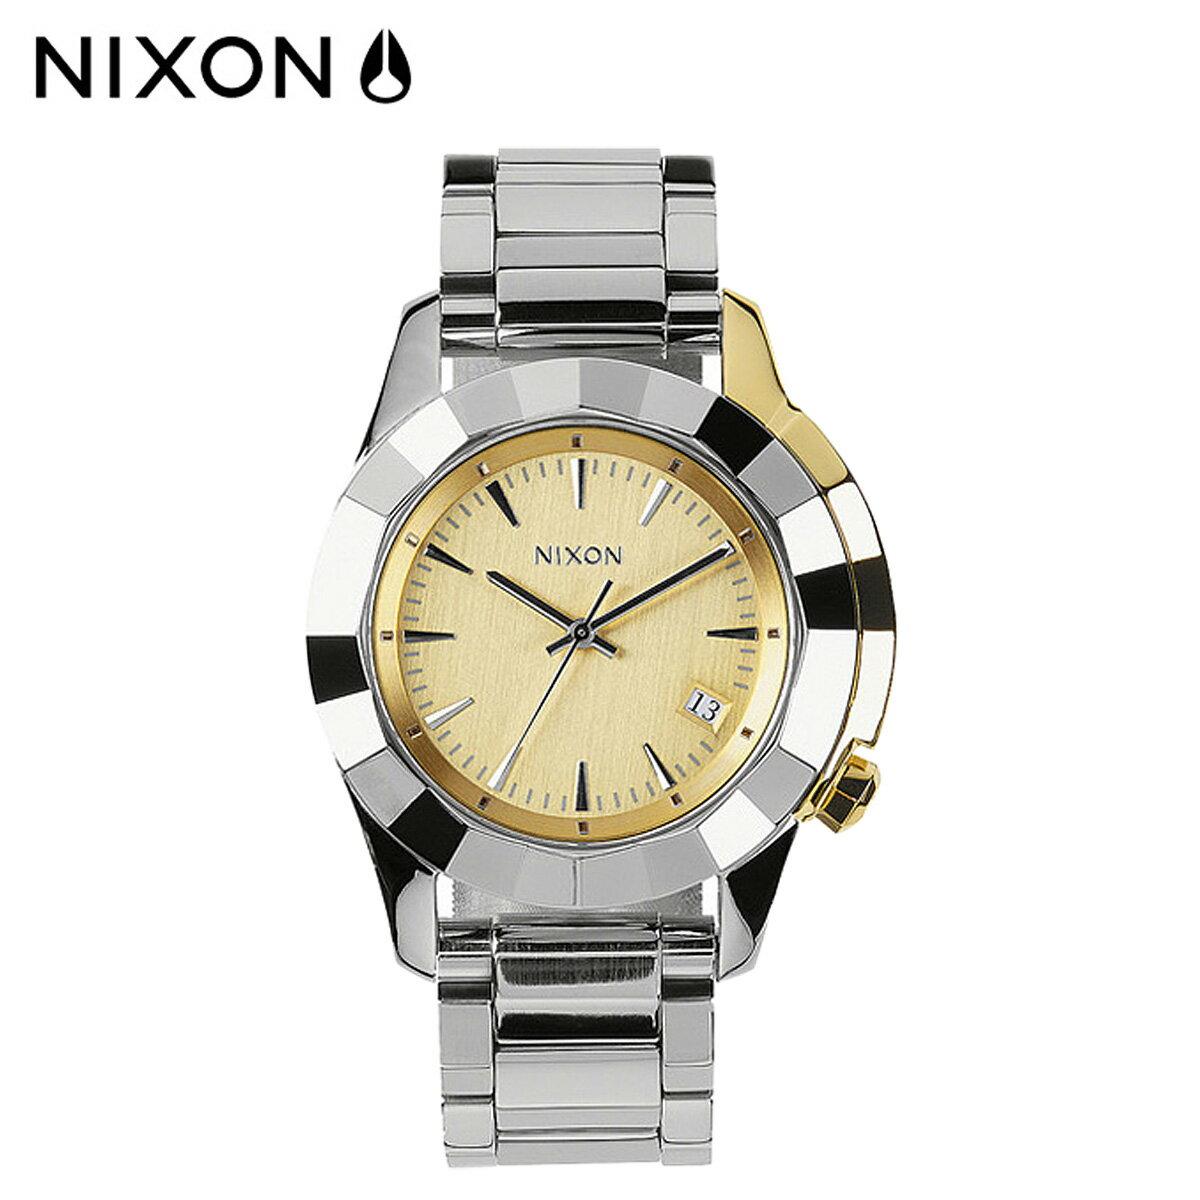 NIXON ニクソン 腕時計 38mm ウォッチ 時計 A288 シルバー ライトゴールド MONARCH メンズ レディース